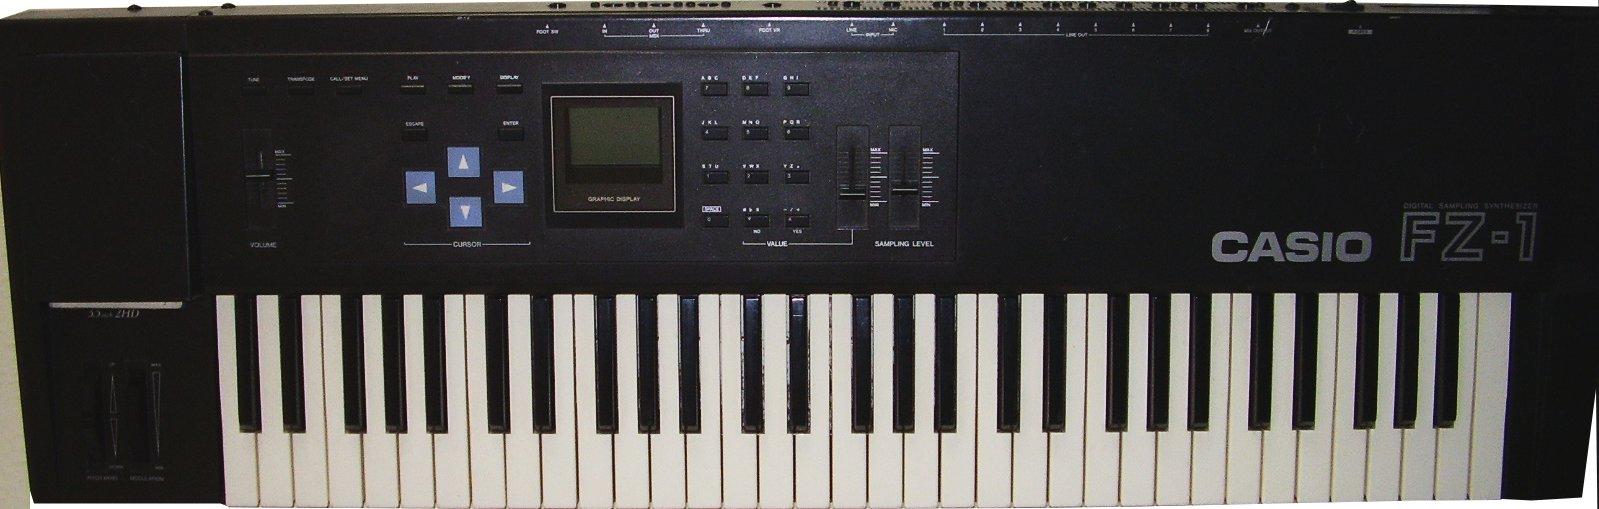 Casio FZ1/Fz10m/Fz20m